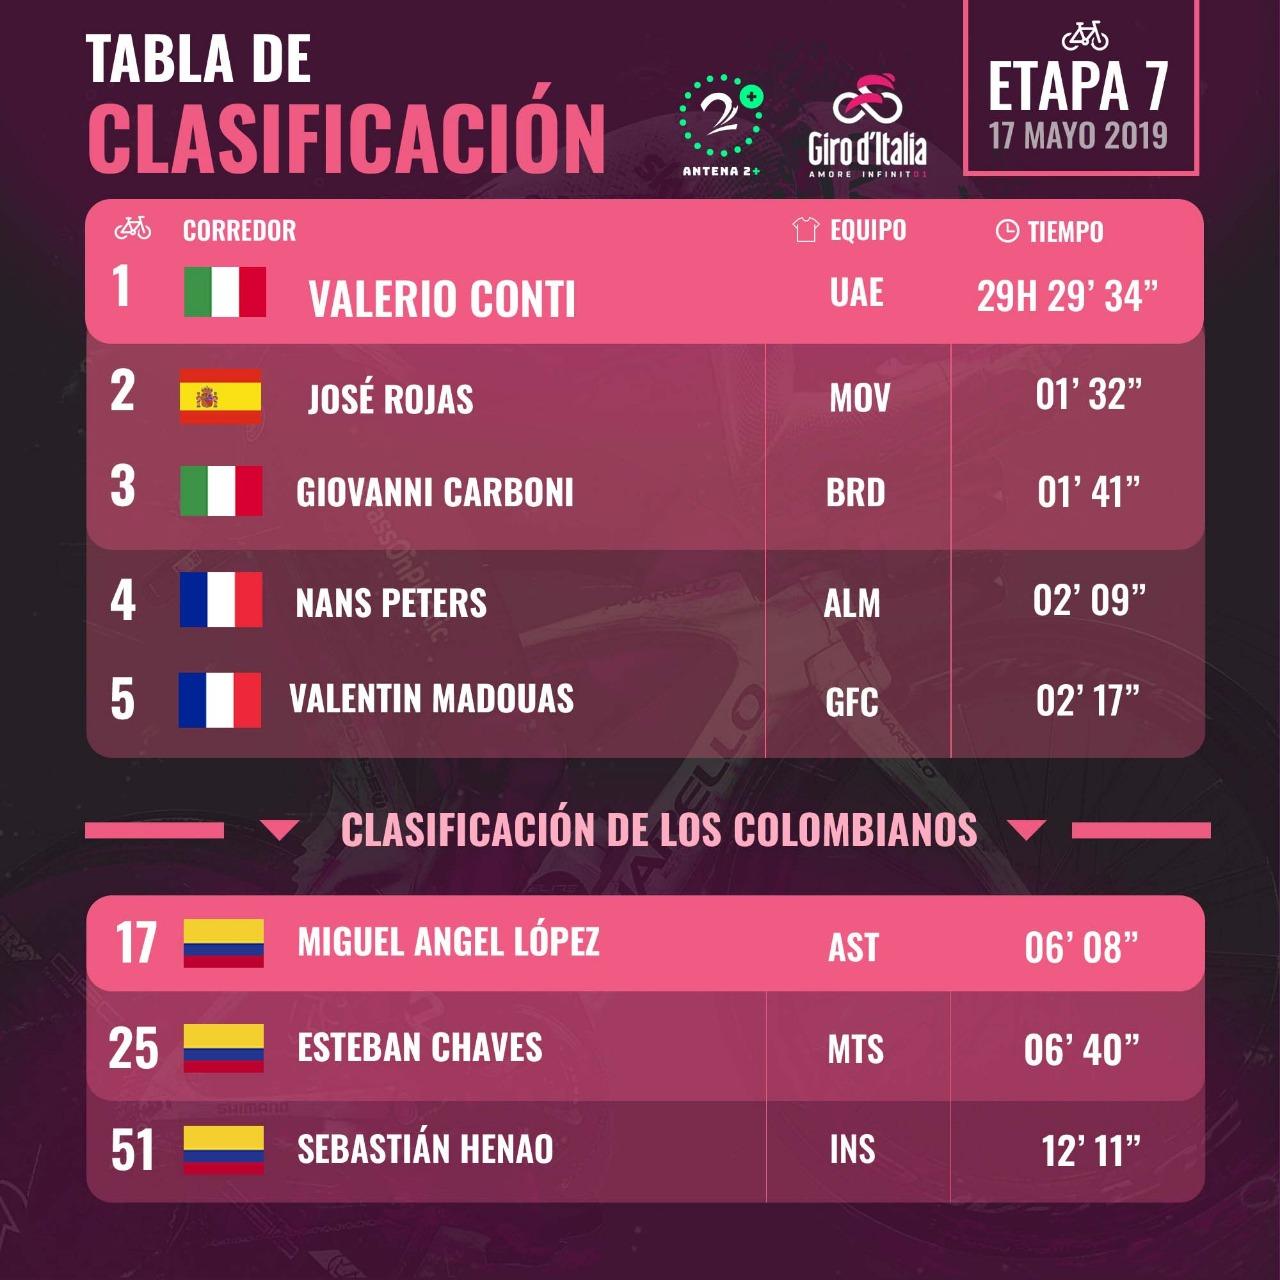 Clasificaciones del Giro de Italia 2019 tras la séptima etapa